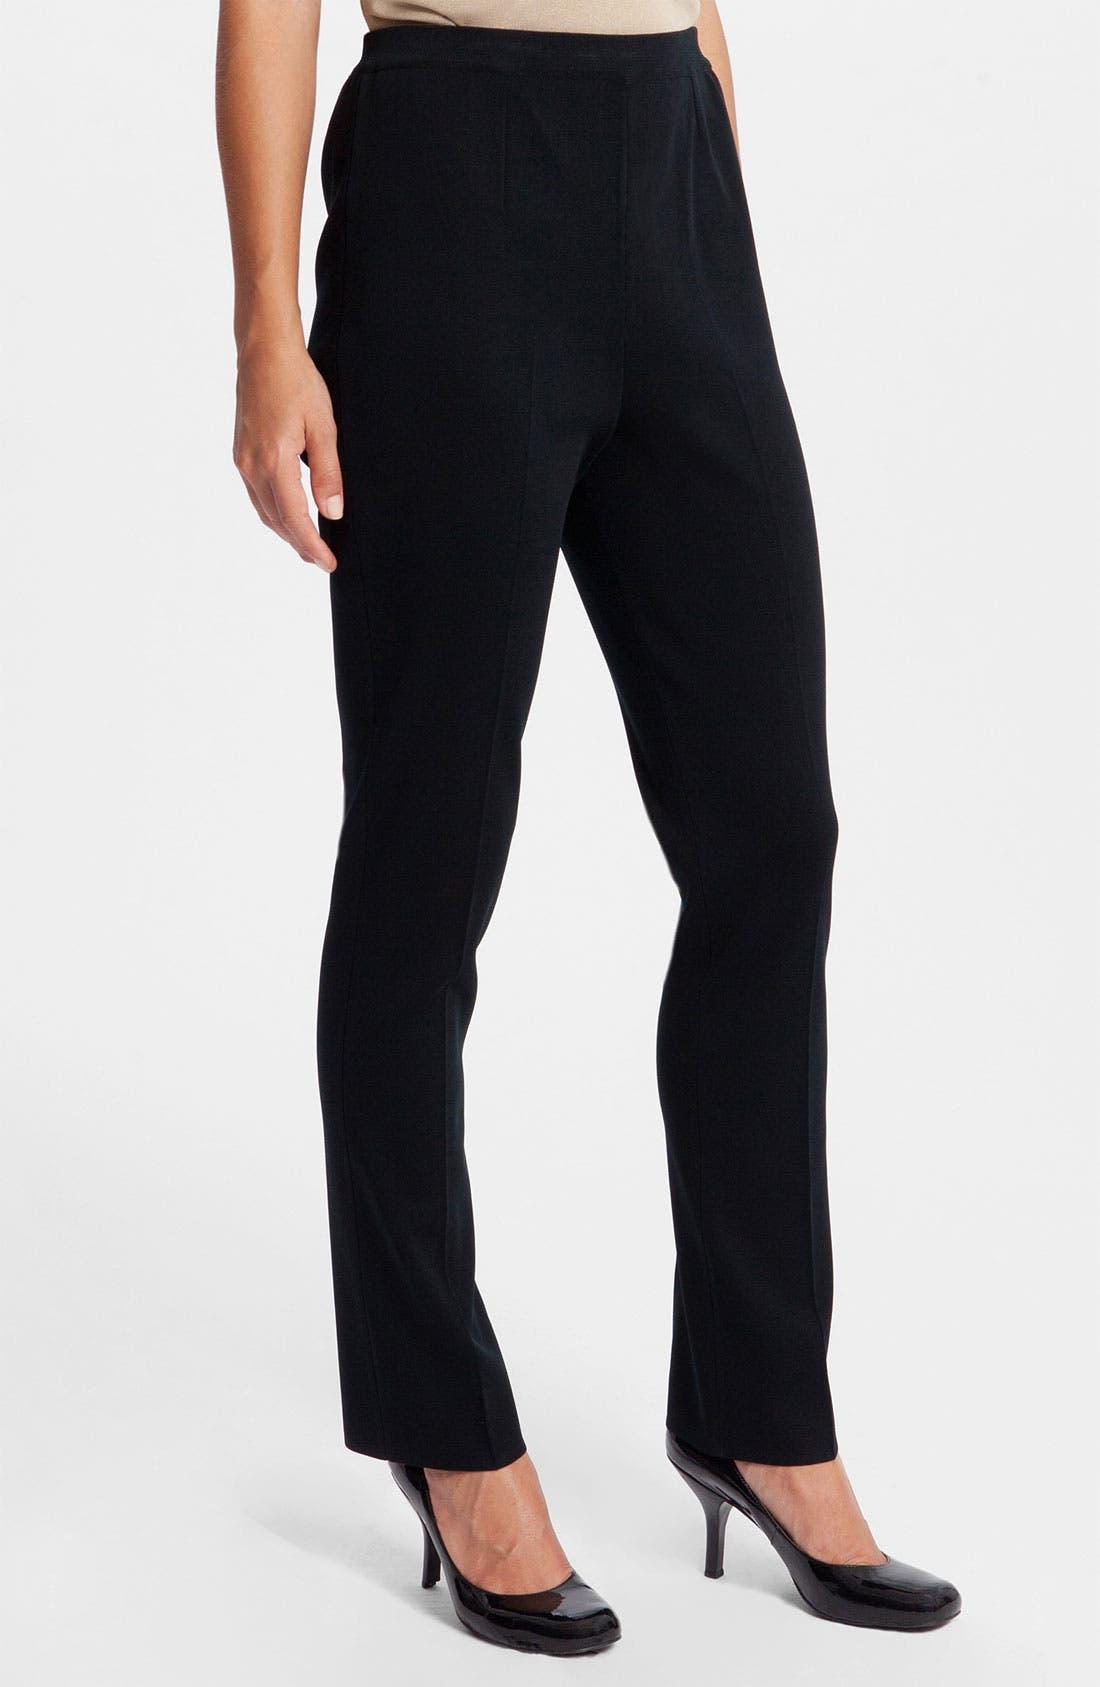 Alternate Image 1 Selected - Ming Wang Slim Leg Pants